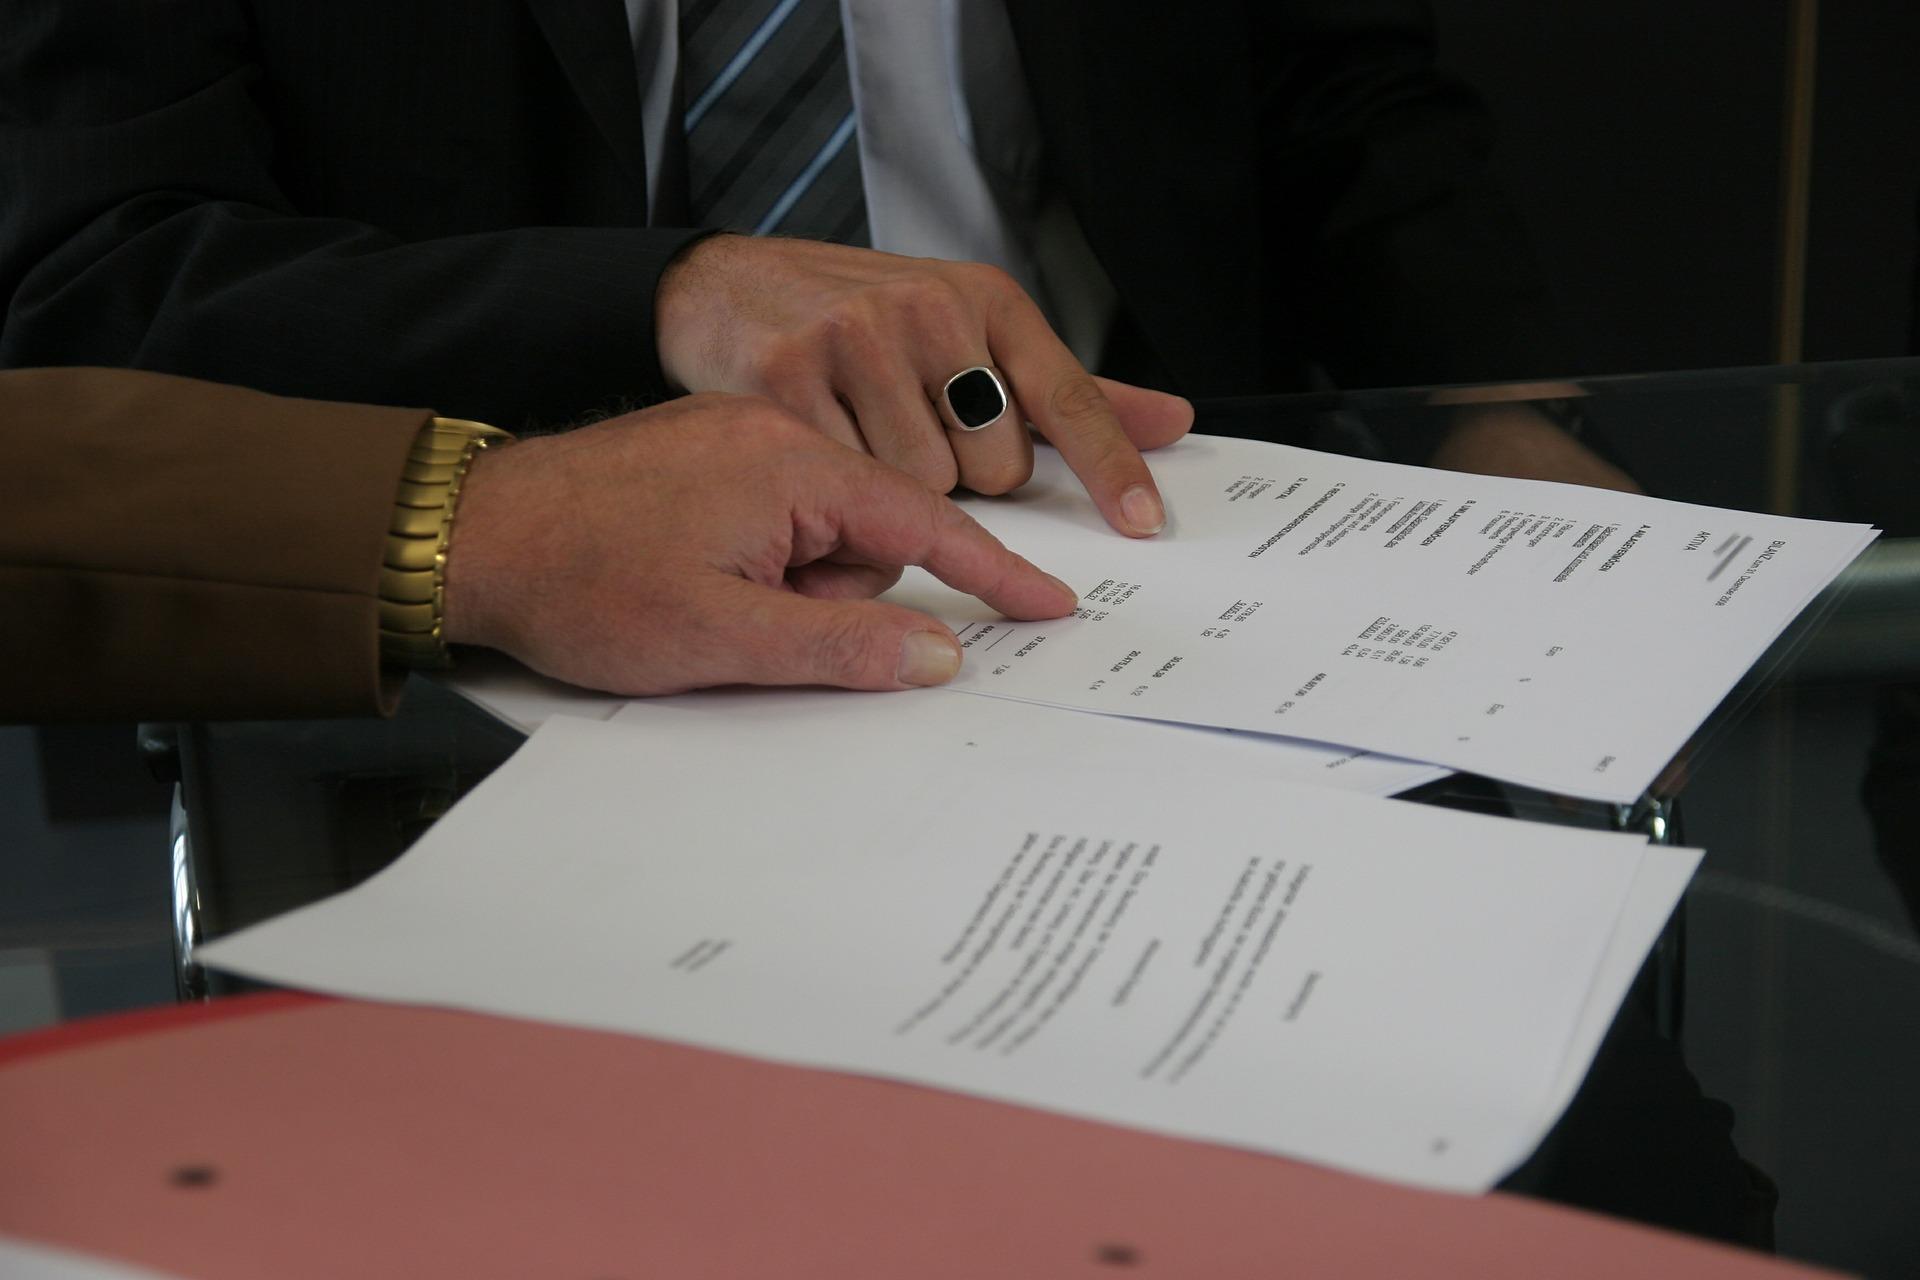 Un faux chômeur et ses proches doivent rembourser 114.000 euros à Pôle Emploi